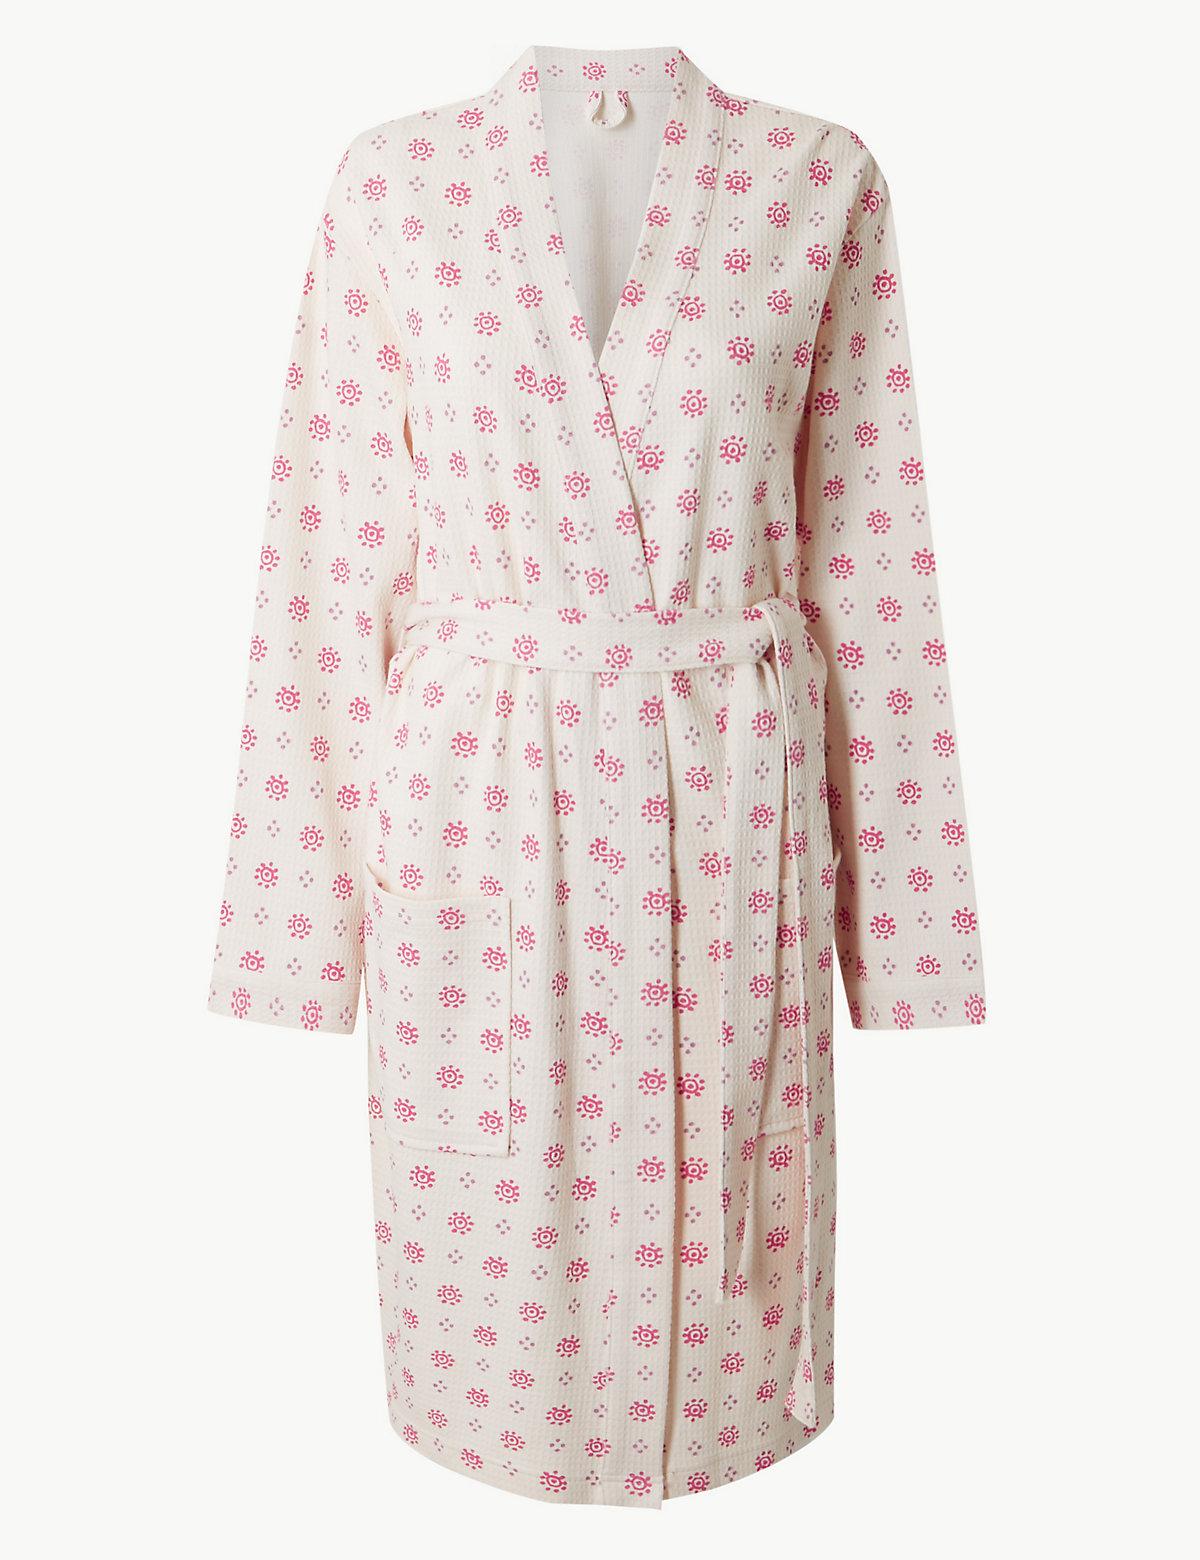 Текстурированный женский халат из чистого хлопка M&S Collection. Цвет: овсяный микс